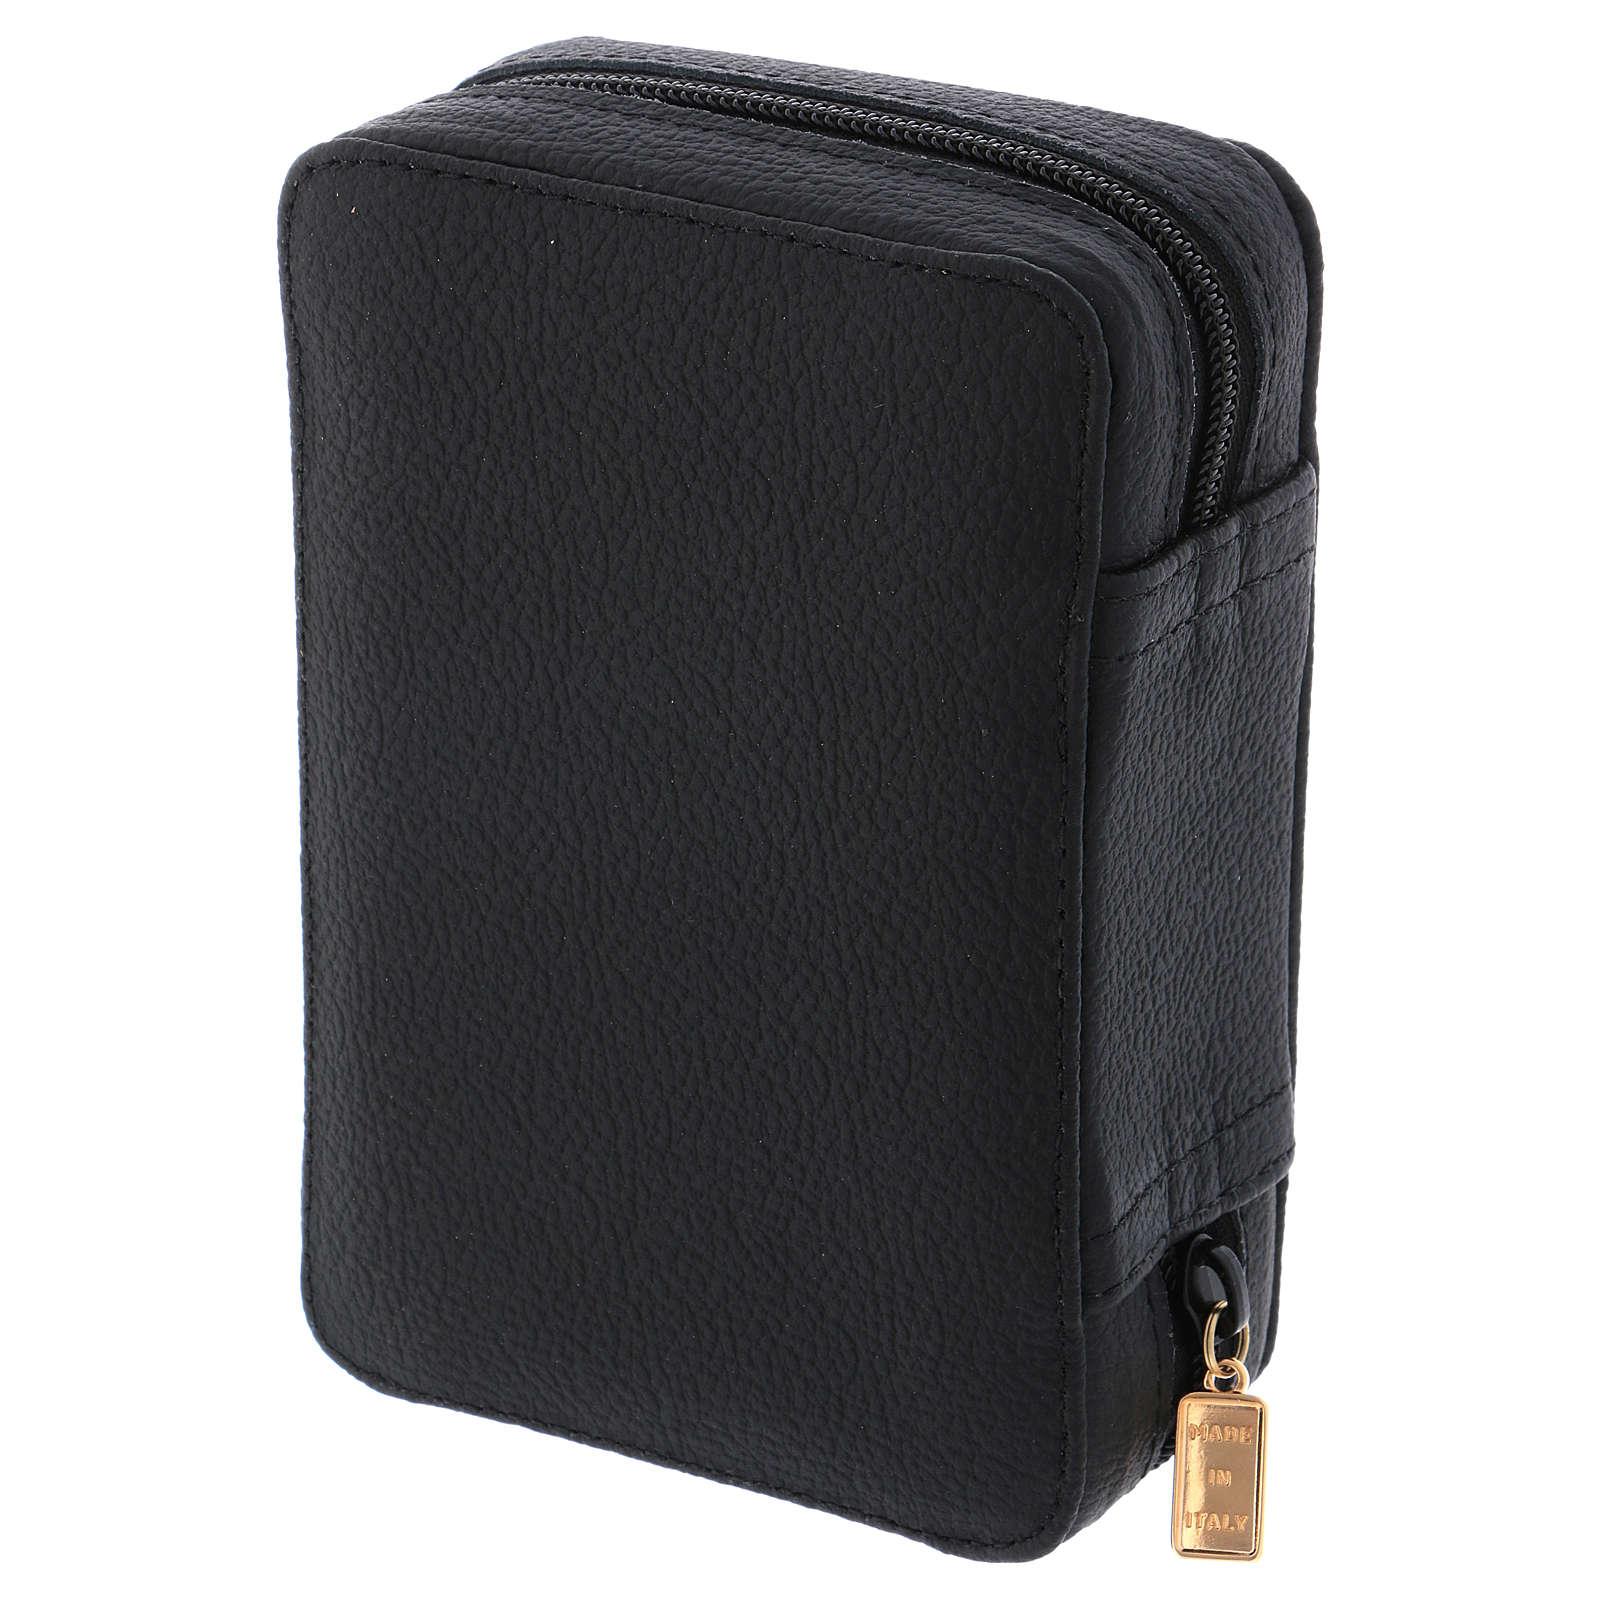 Estojo couro preto e cetim com caixa e accessórios 3